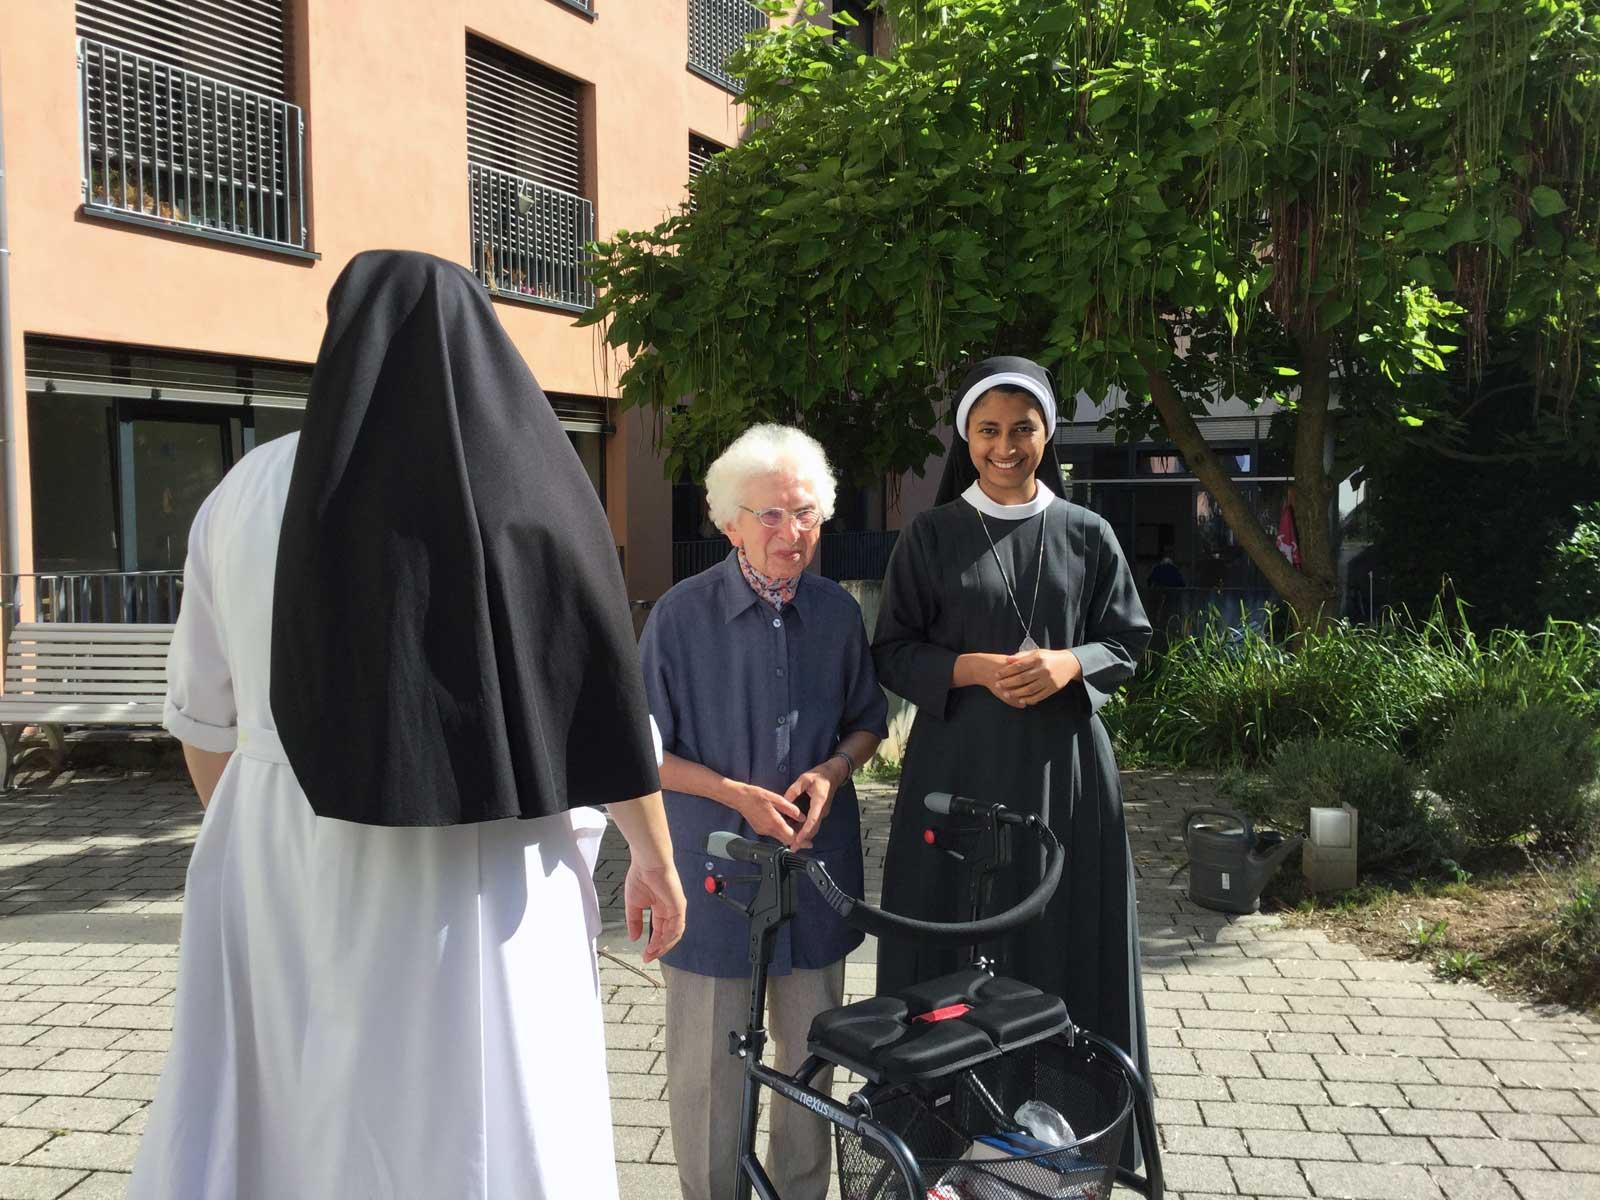 Seniorenzentrum-Bruder-Konrad-Stift-Schwestern-mit-Senioren-1